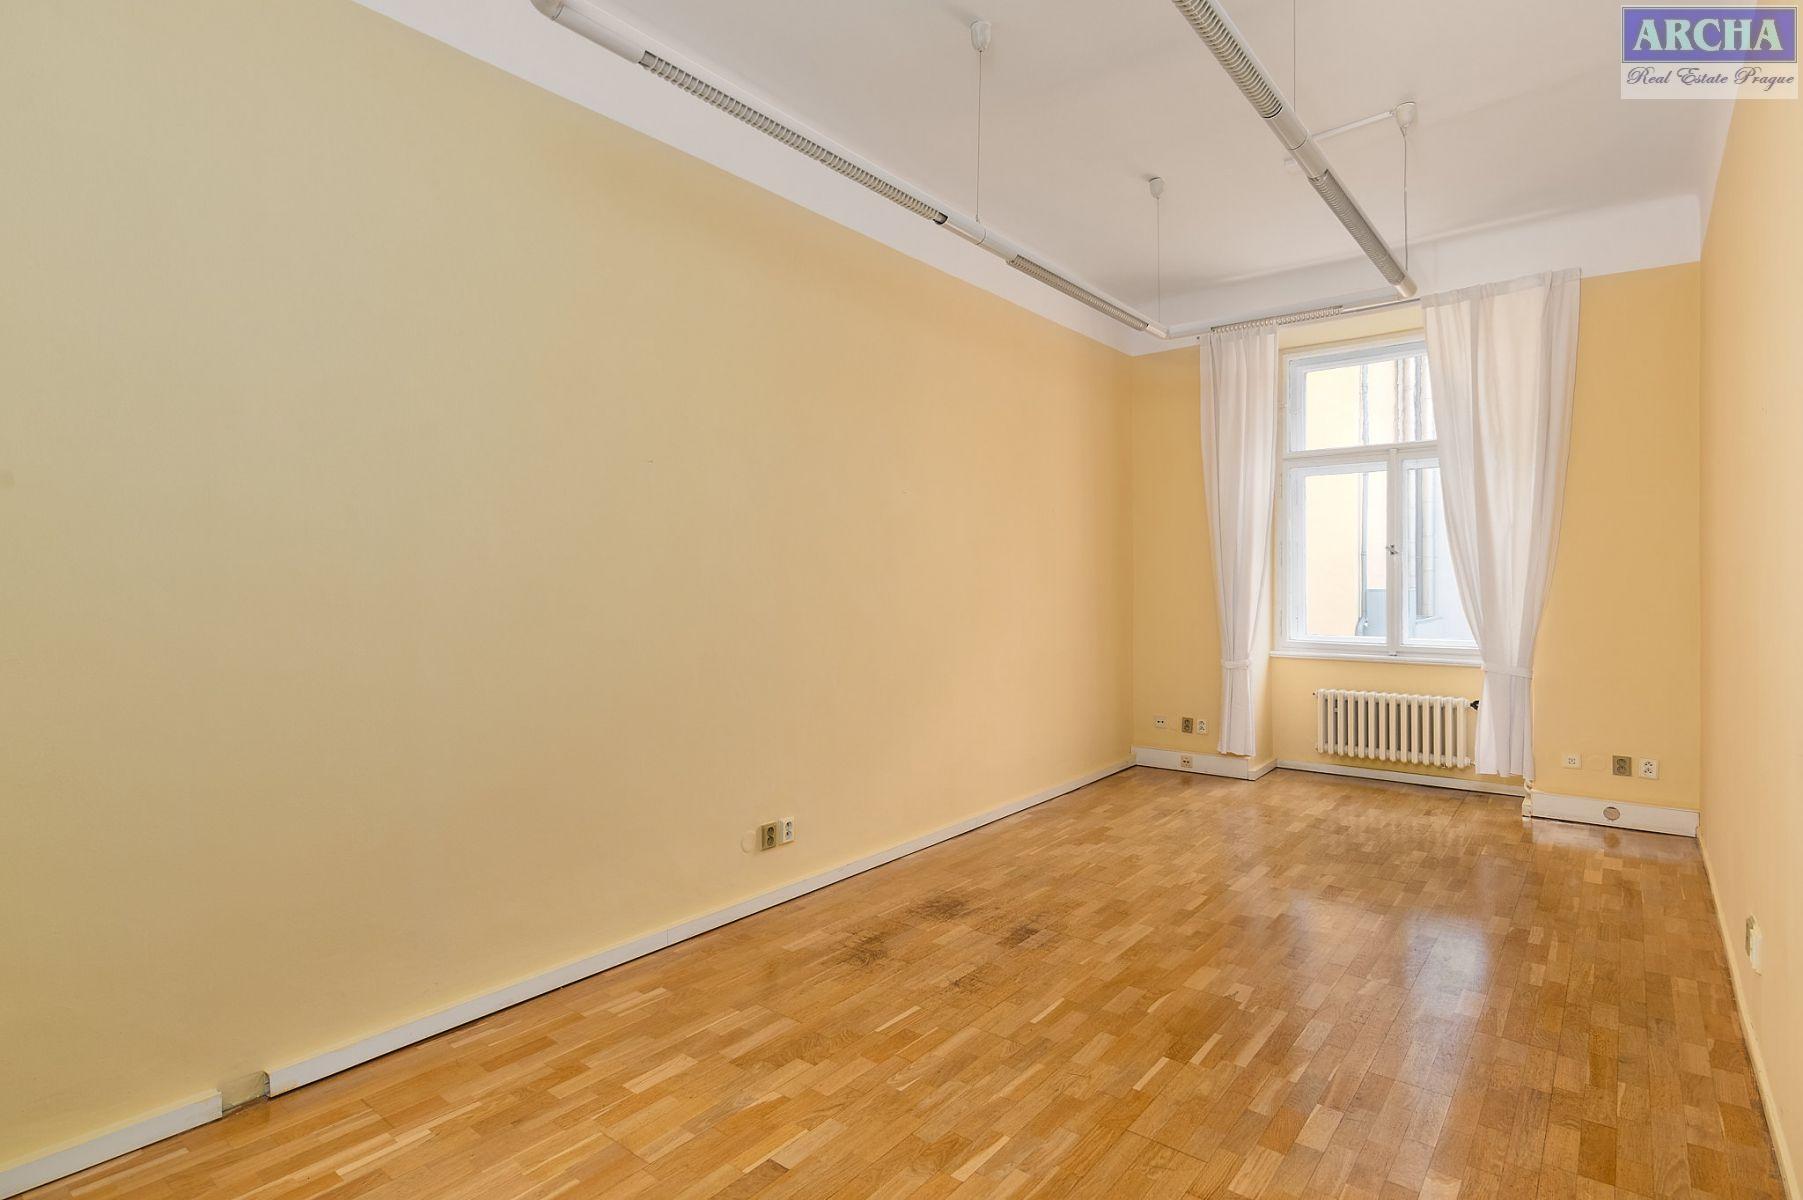 Nájem  kanceláří 72,6 m2, 4. patro, Malá Štěpánská, Praha 2 Nové Město